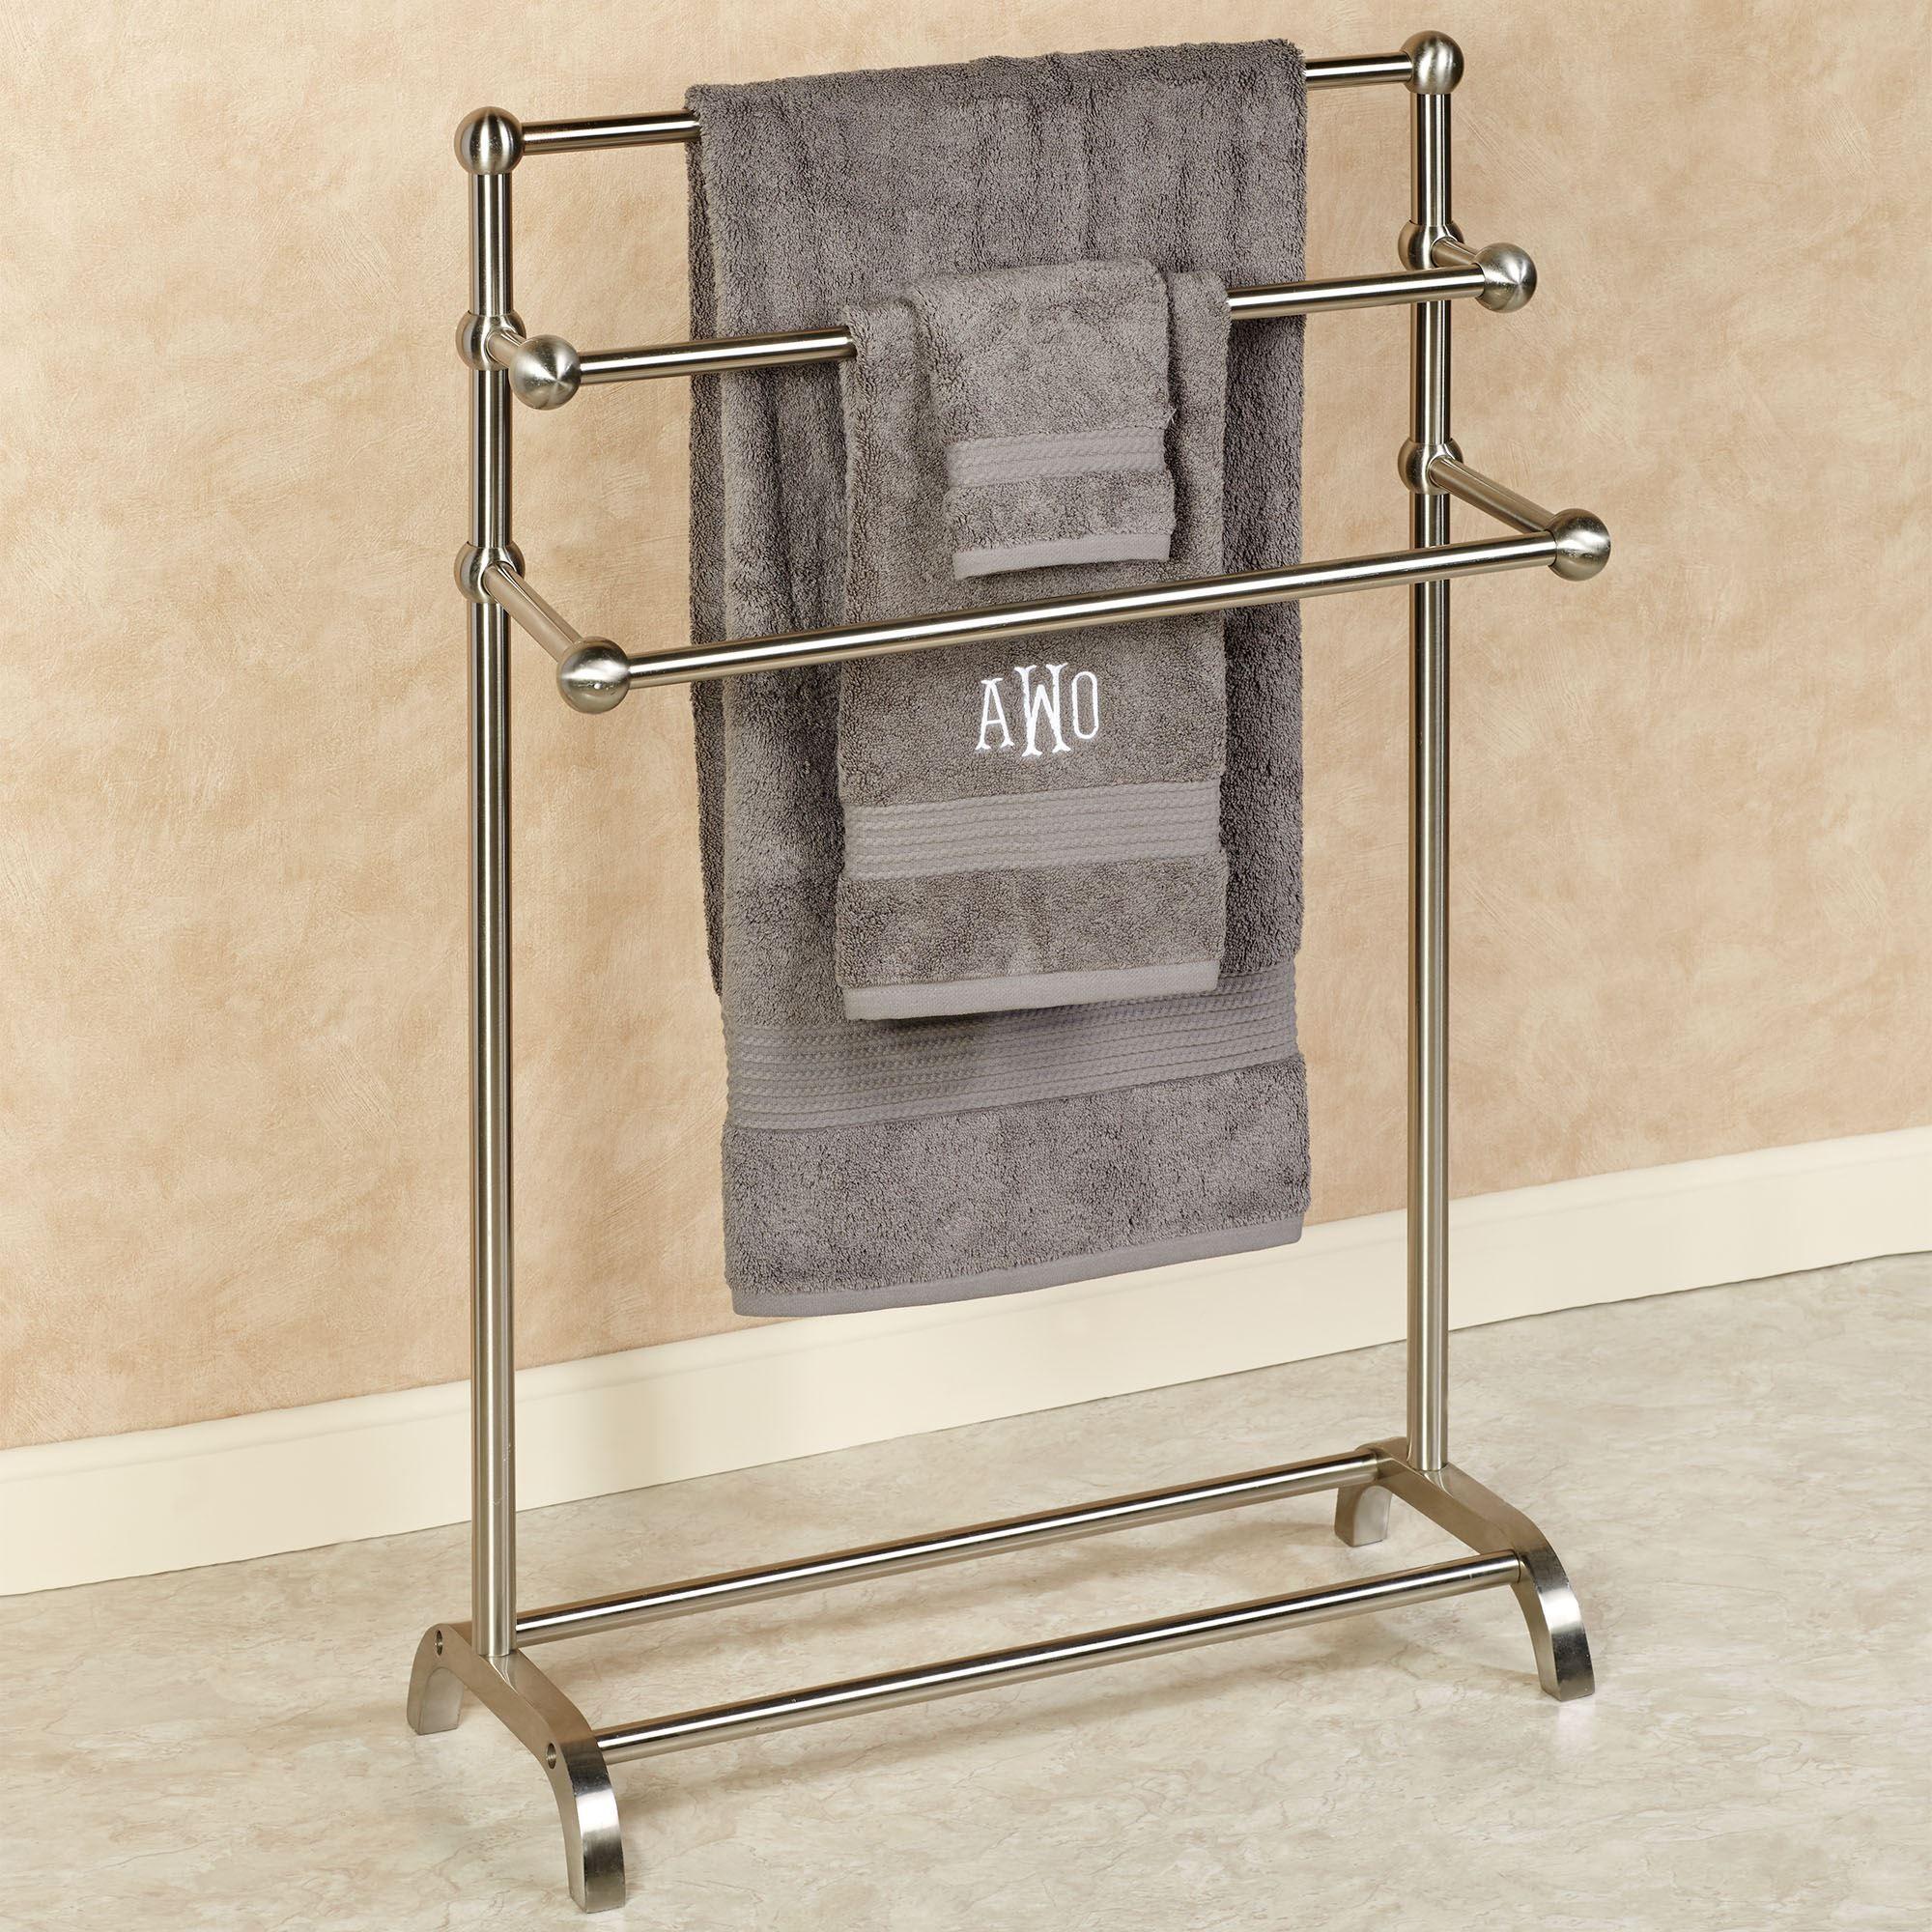 Tier Towel Rack